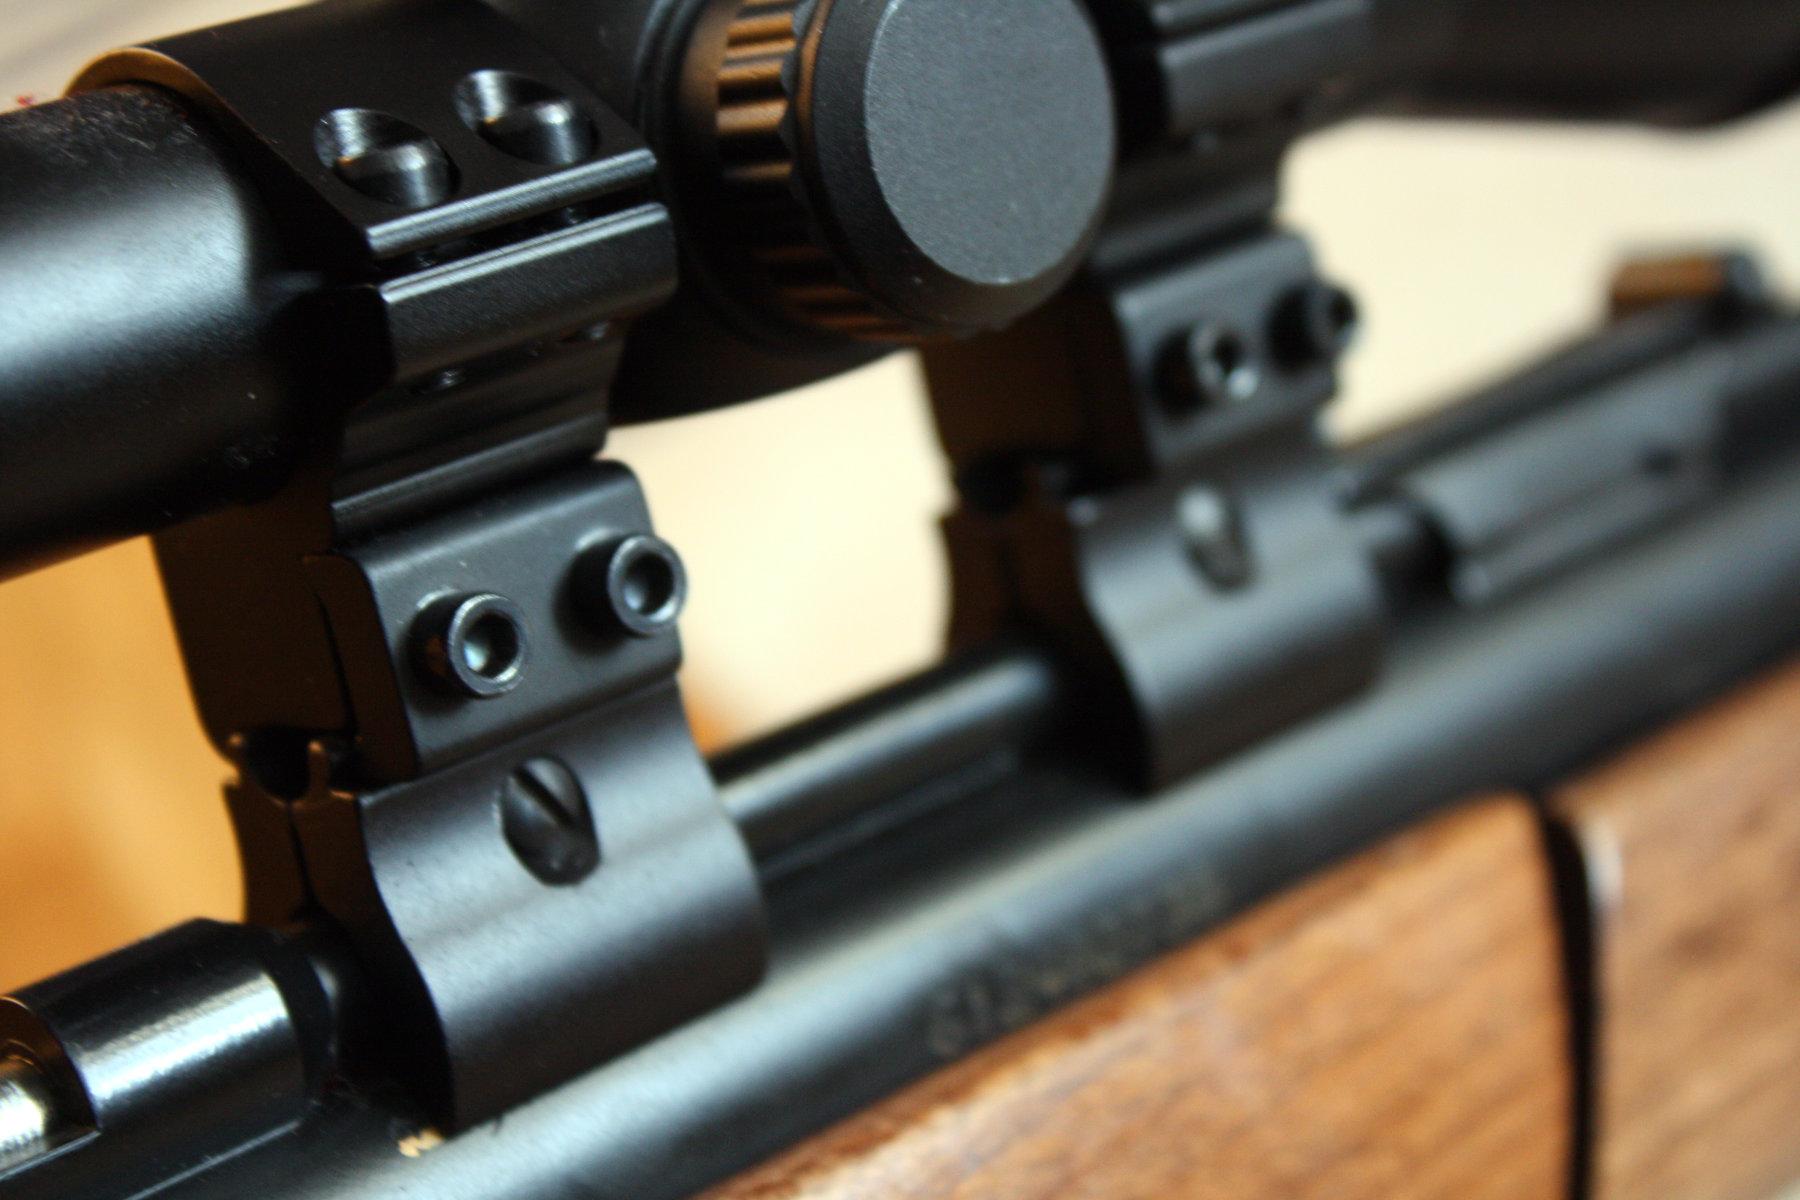 Tady vidíte upevnění puškohledu.